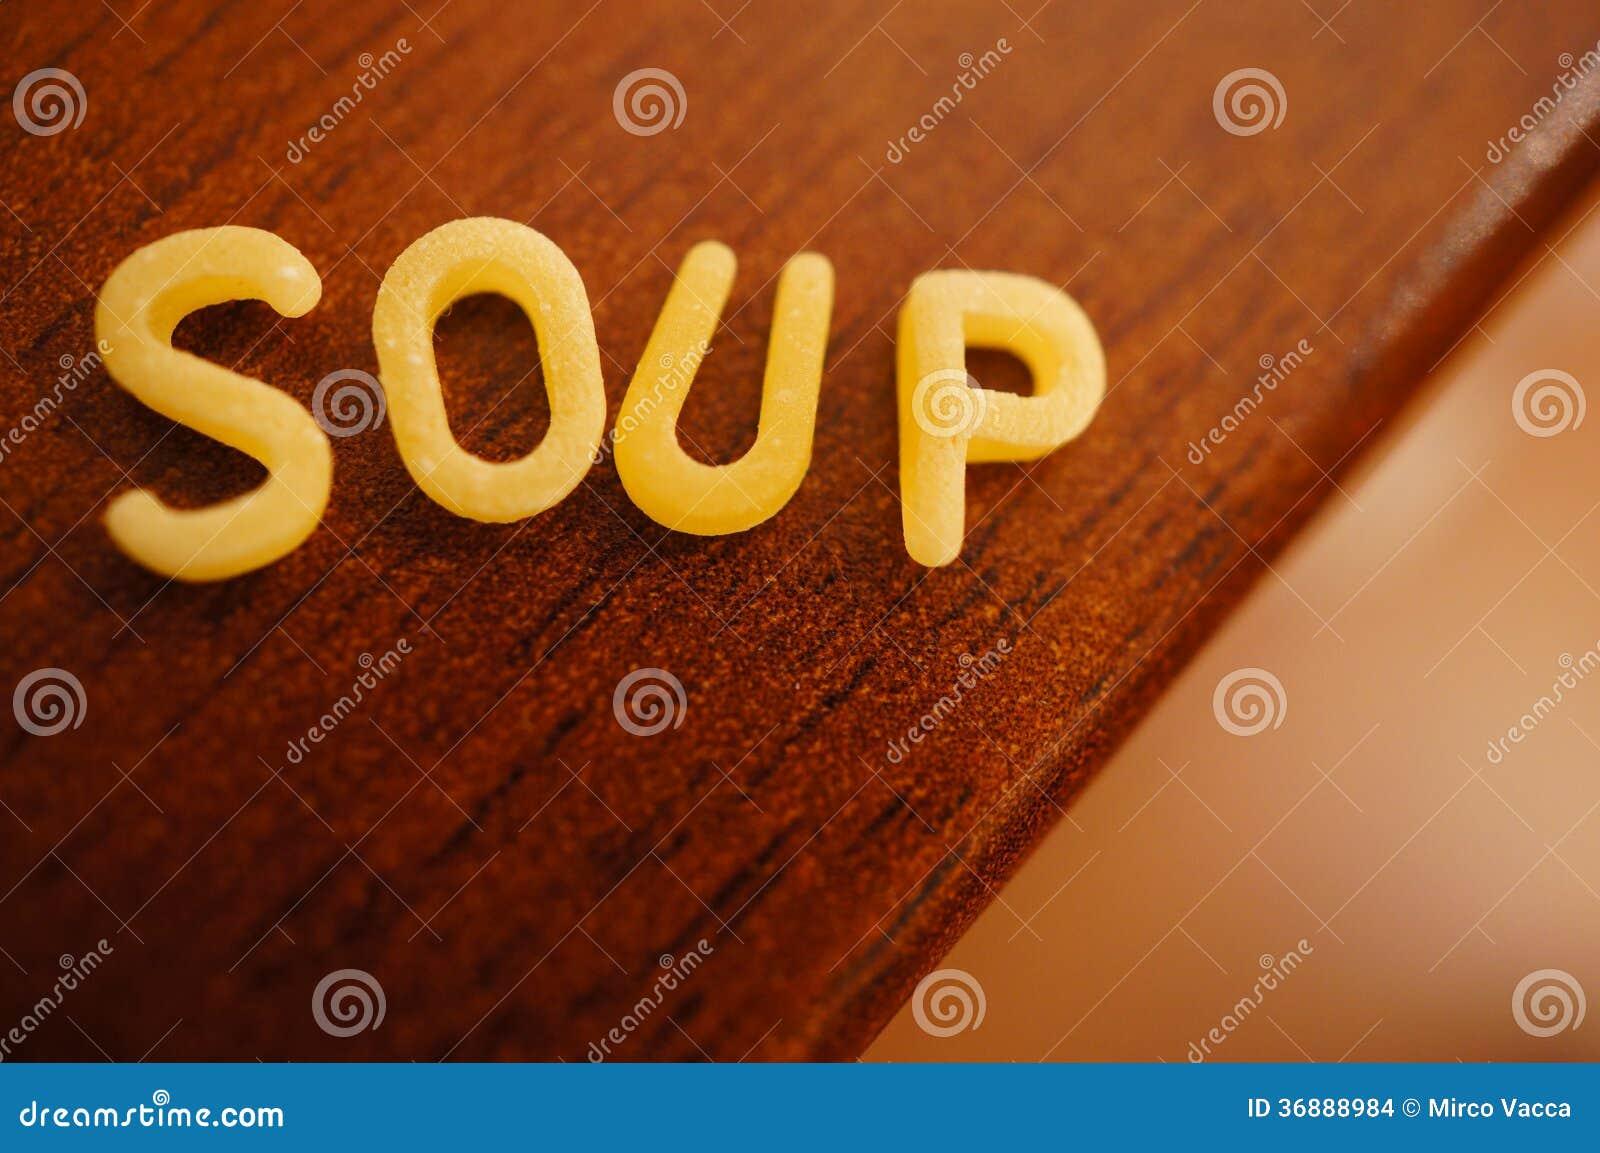 Download Pasta della minestra fotografia stock. Immagine di salute - 36888984